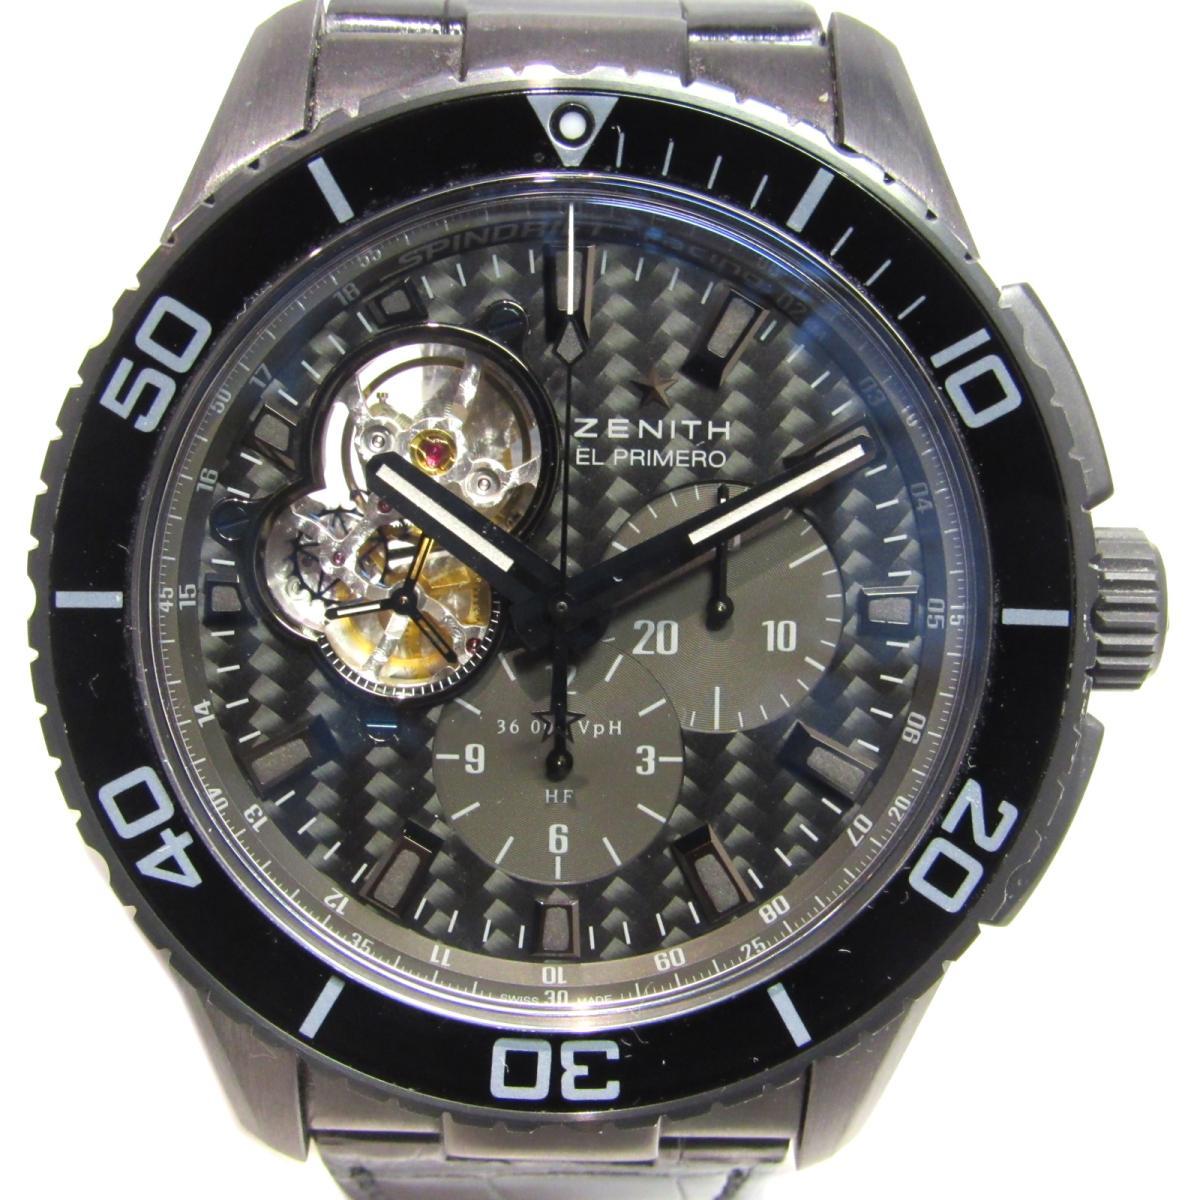 ストラトス スピンドリフト  腕時計 ウォッチ/レア